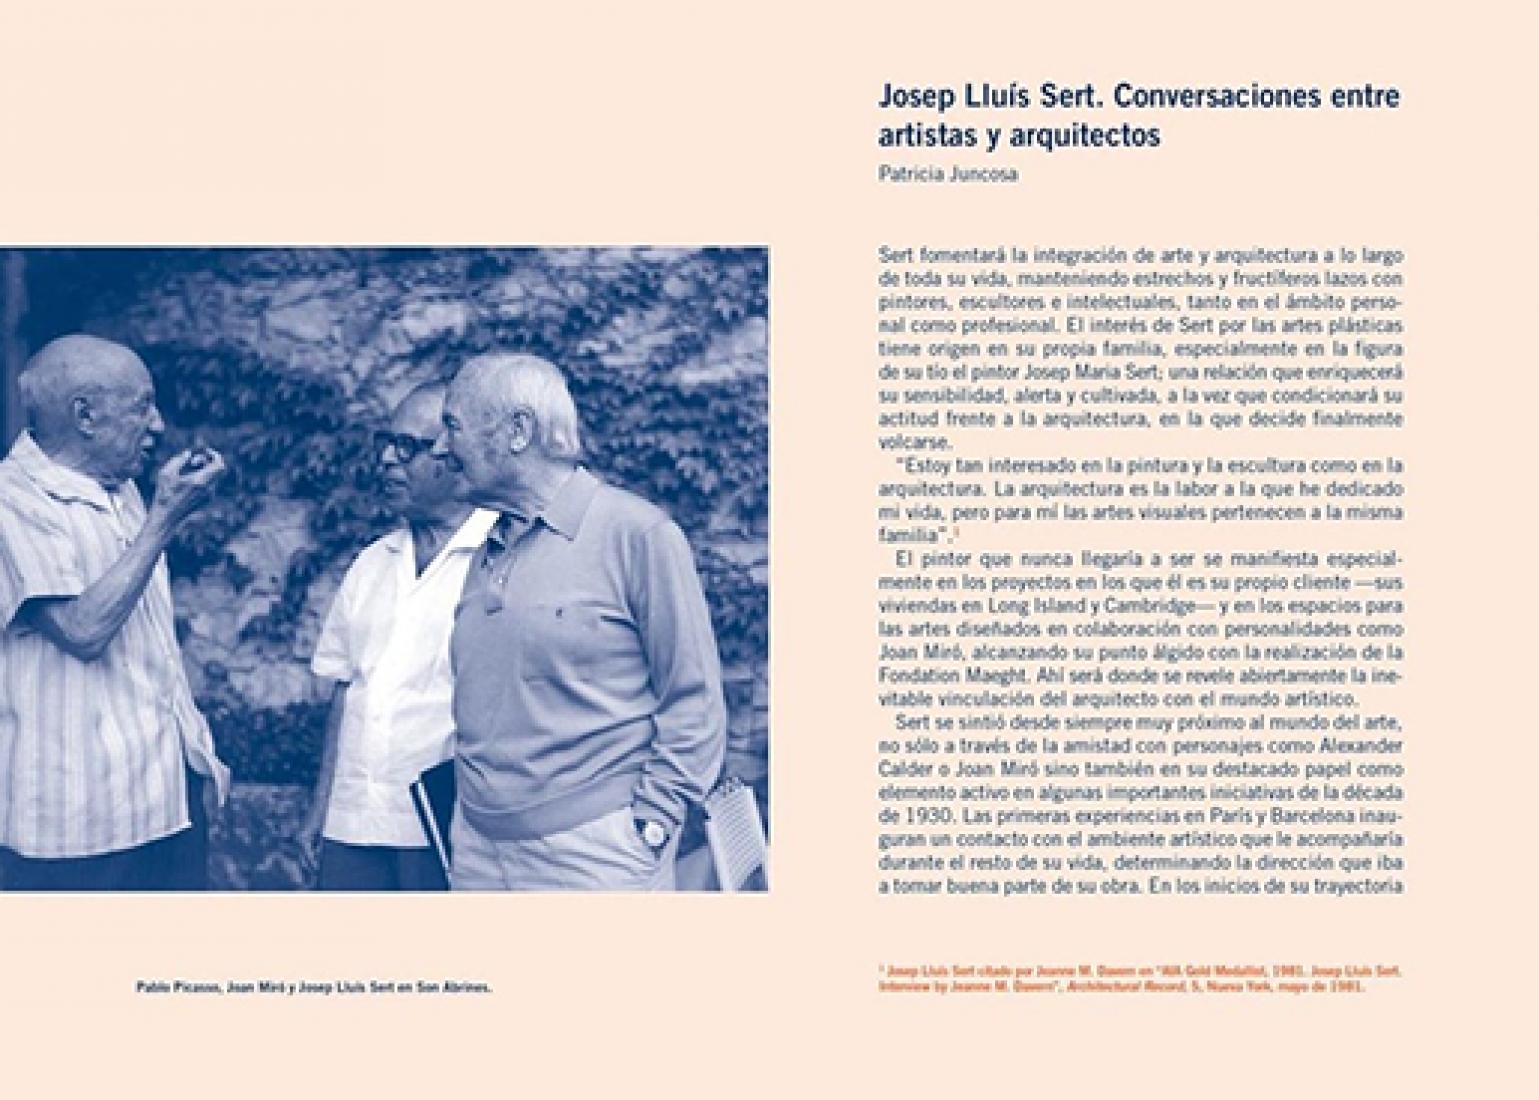 Páginas interiores. Josep Lluis Sert. Conversaciones y escritos